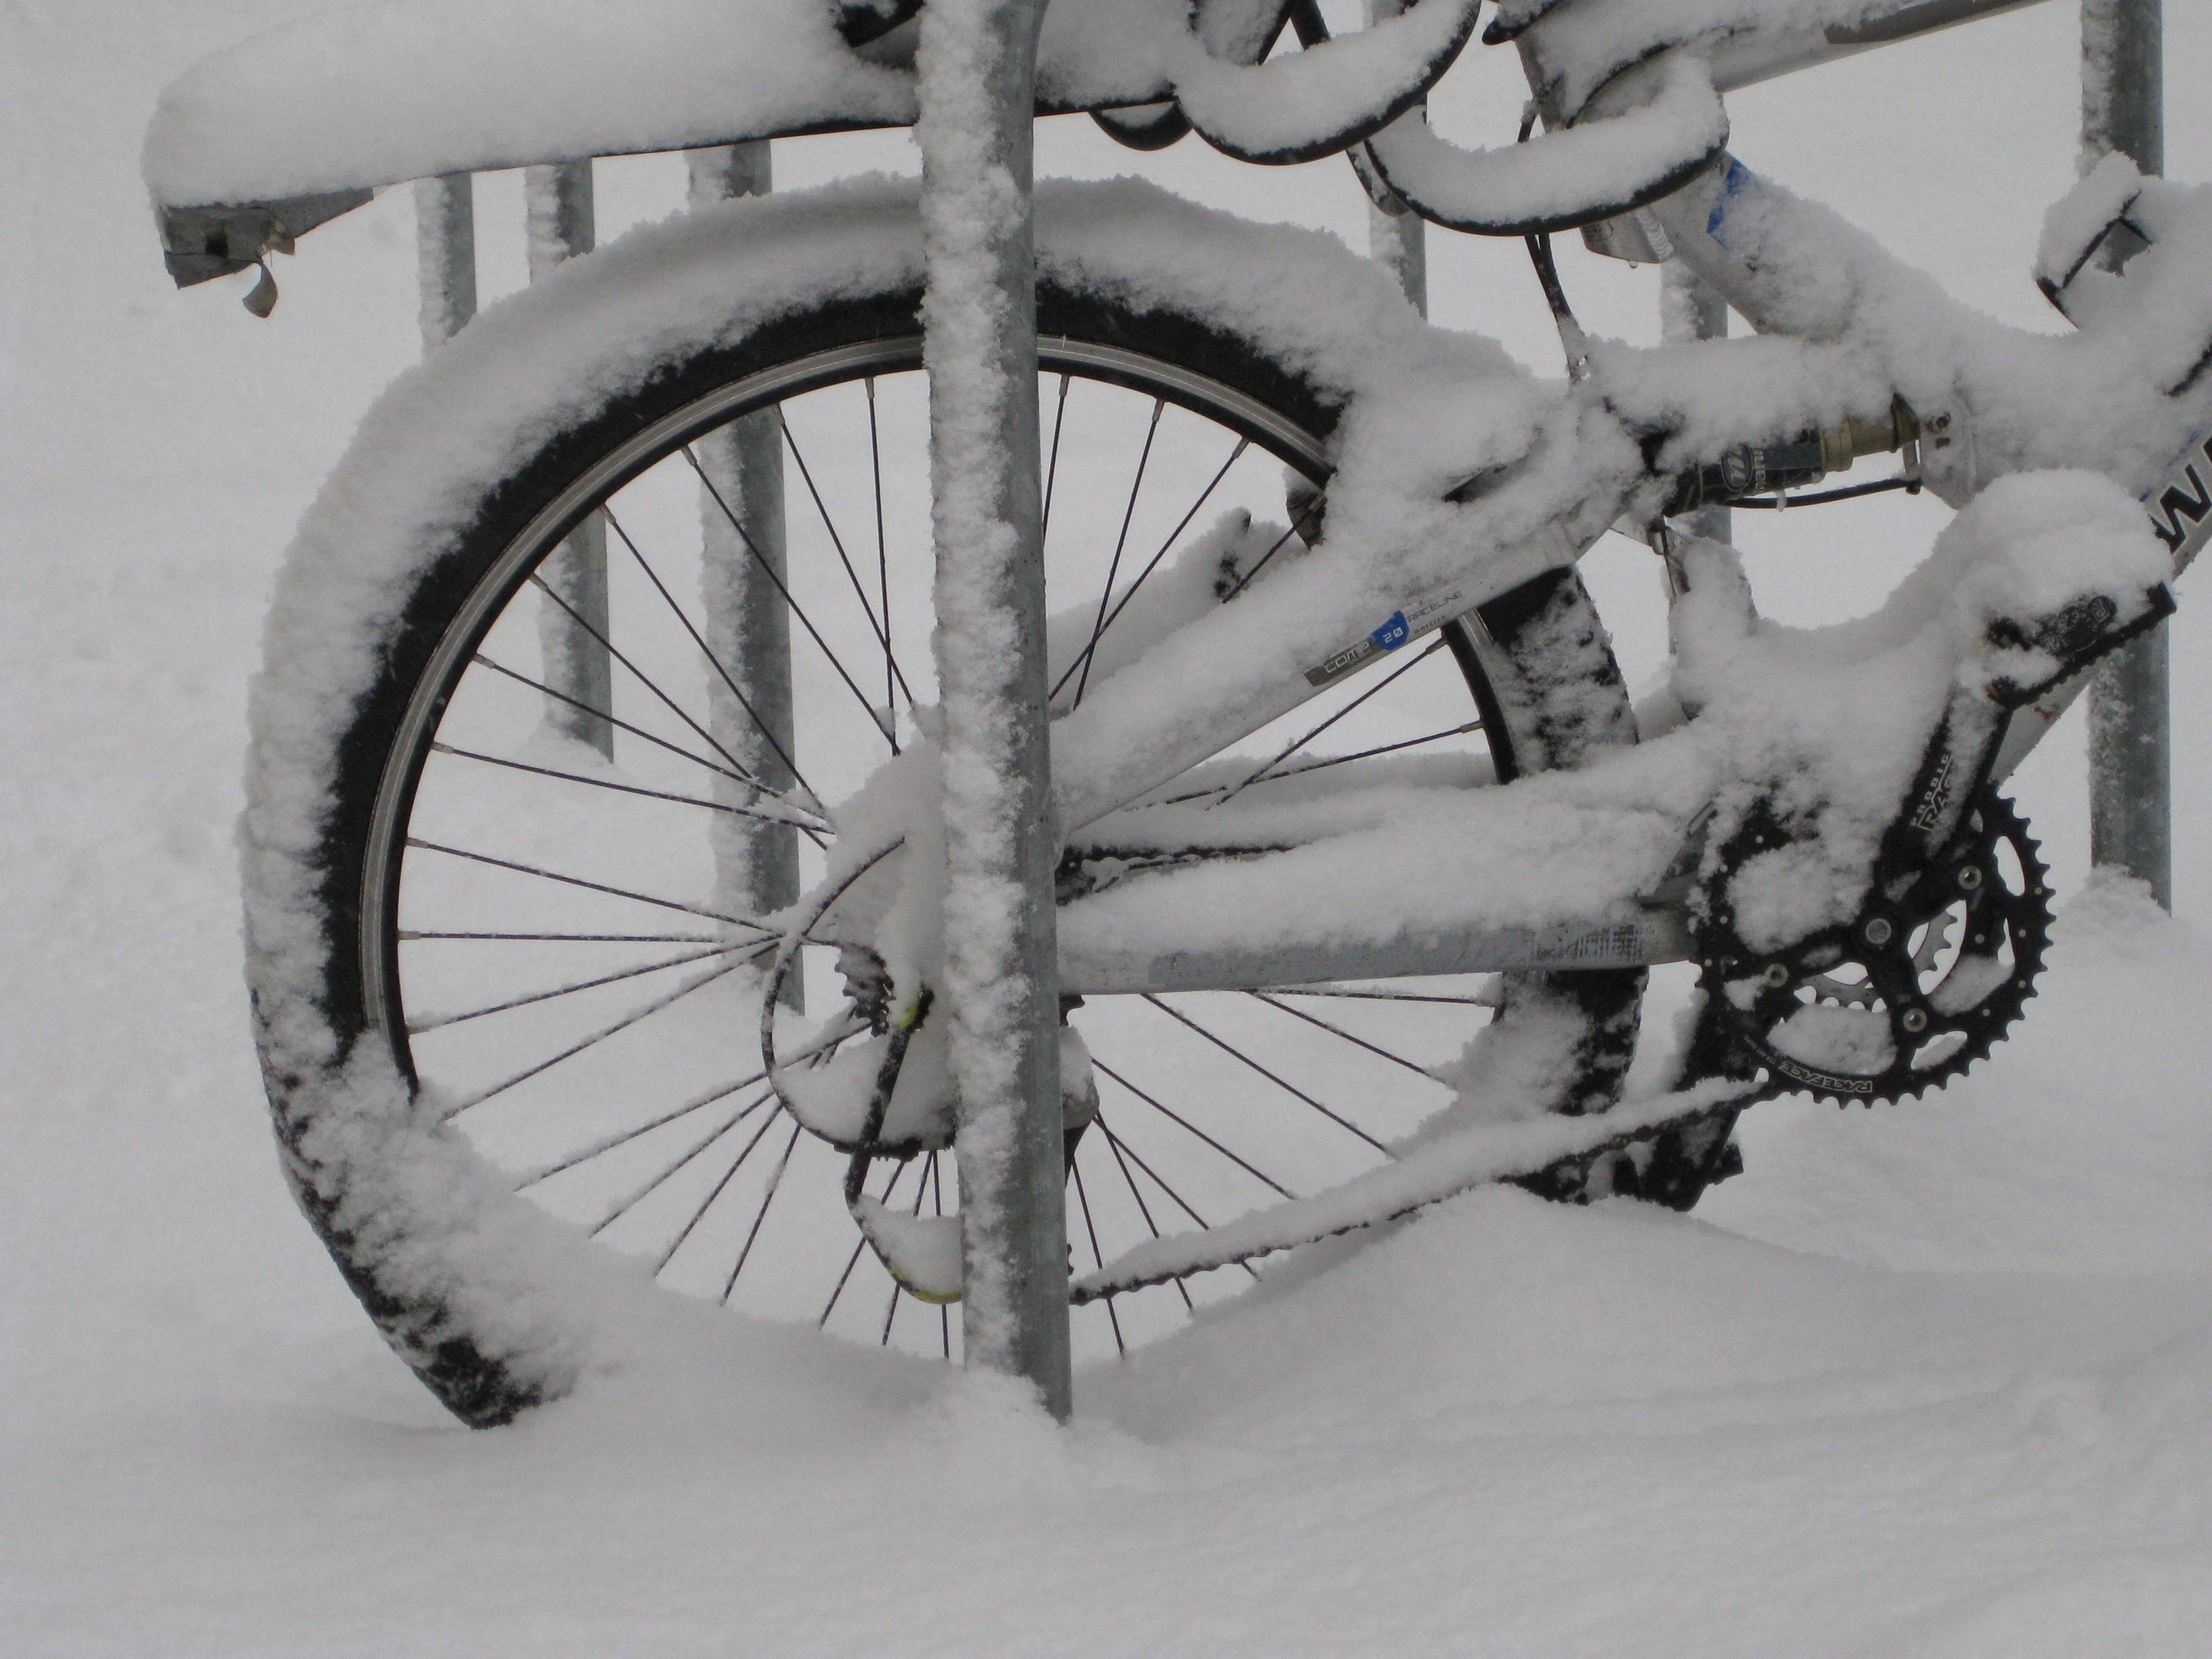 Kostenlose foto  Winter Wei Rad Fahrzeug Wetter